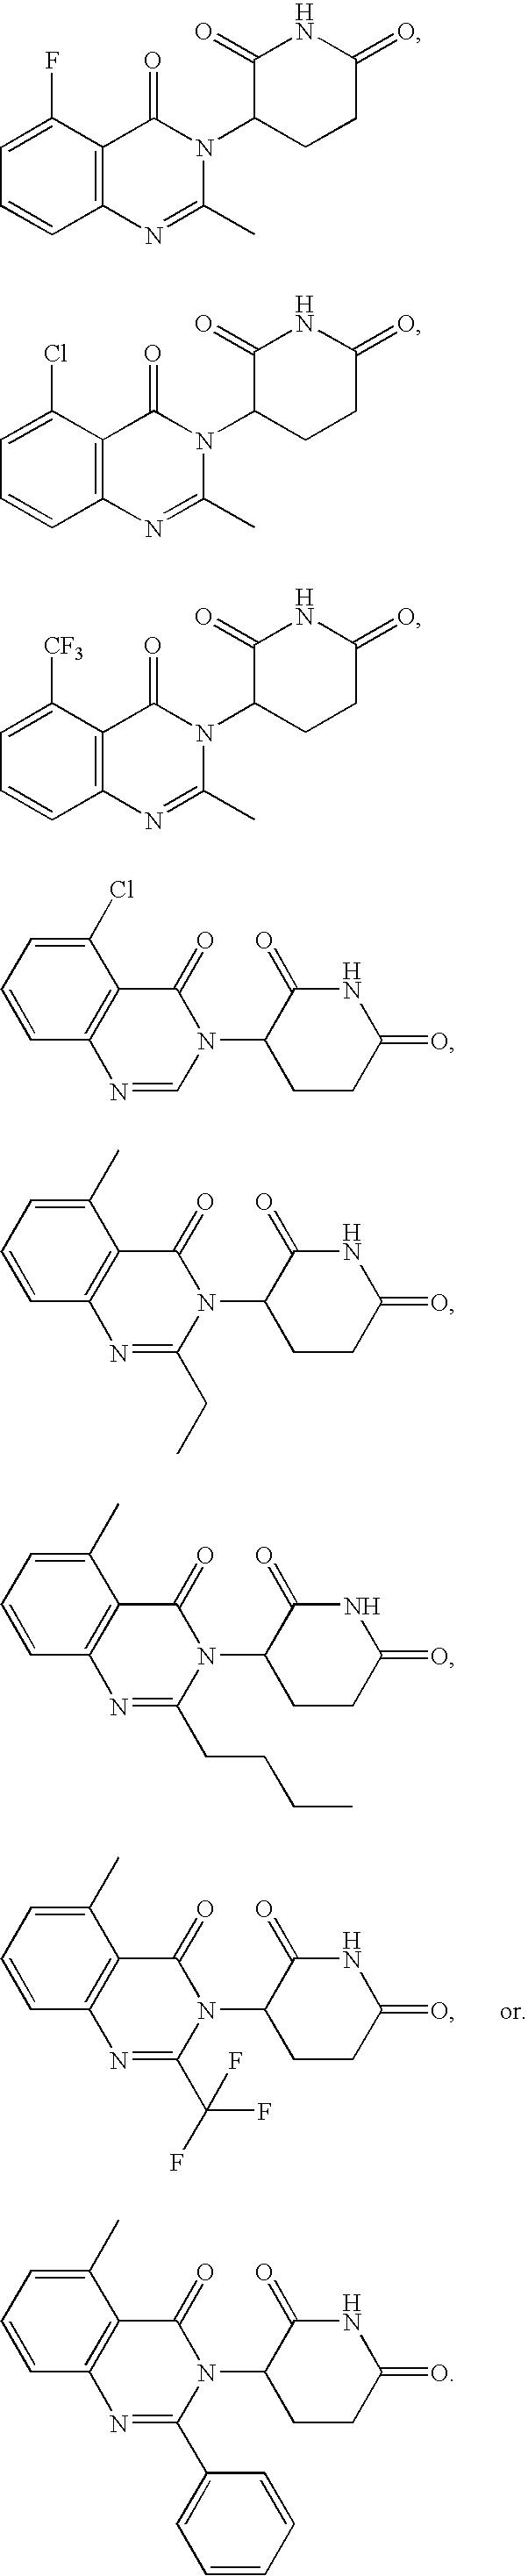 Figure US07635700-20091222-C00005